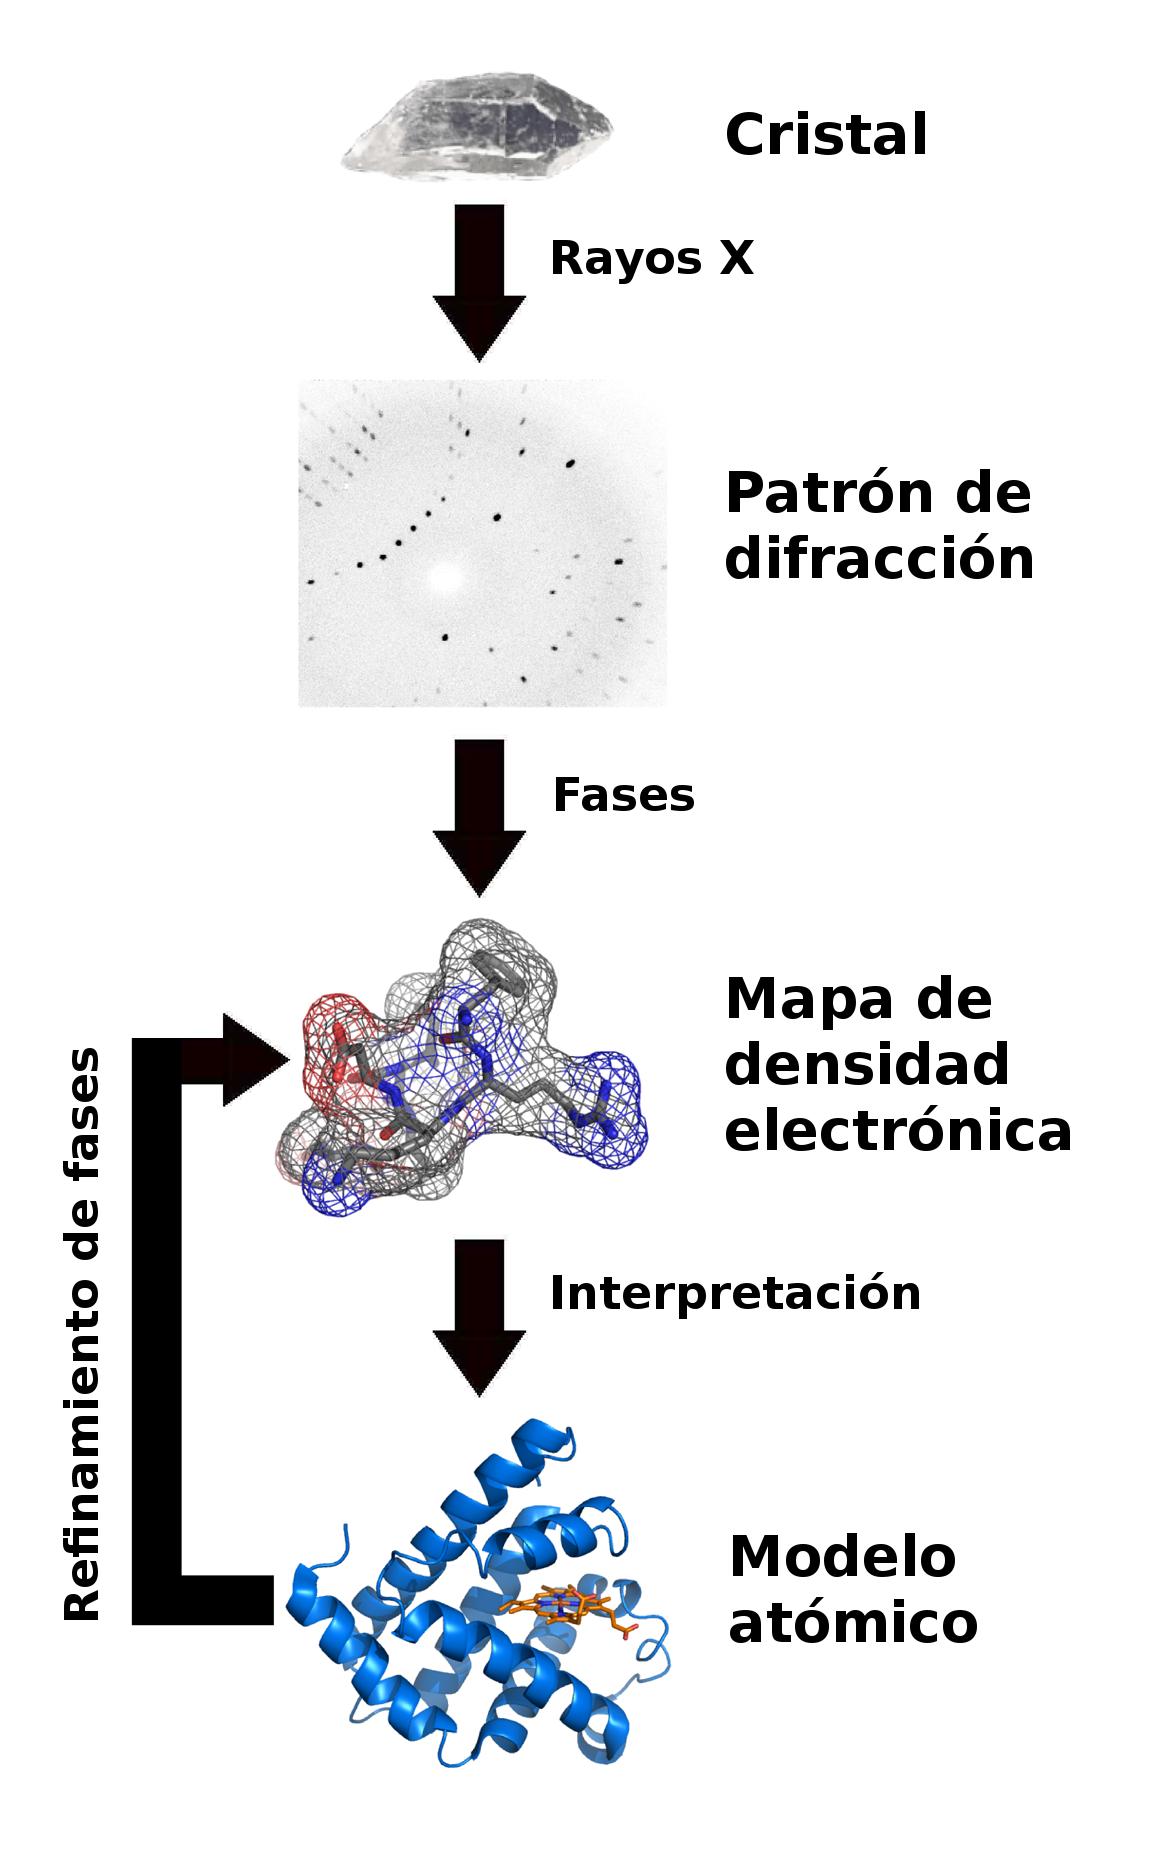 Cristalografía de rayos X - Wikipedia, la enciclopedia libre